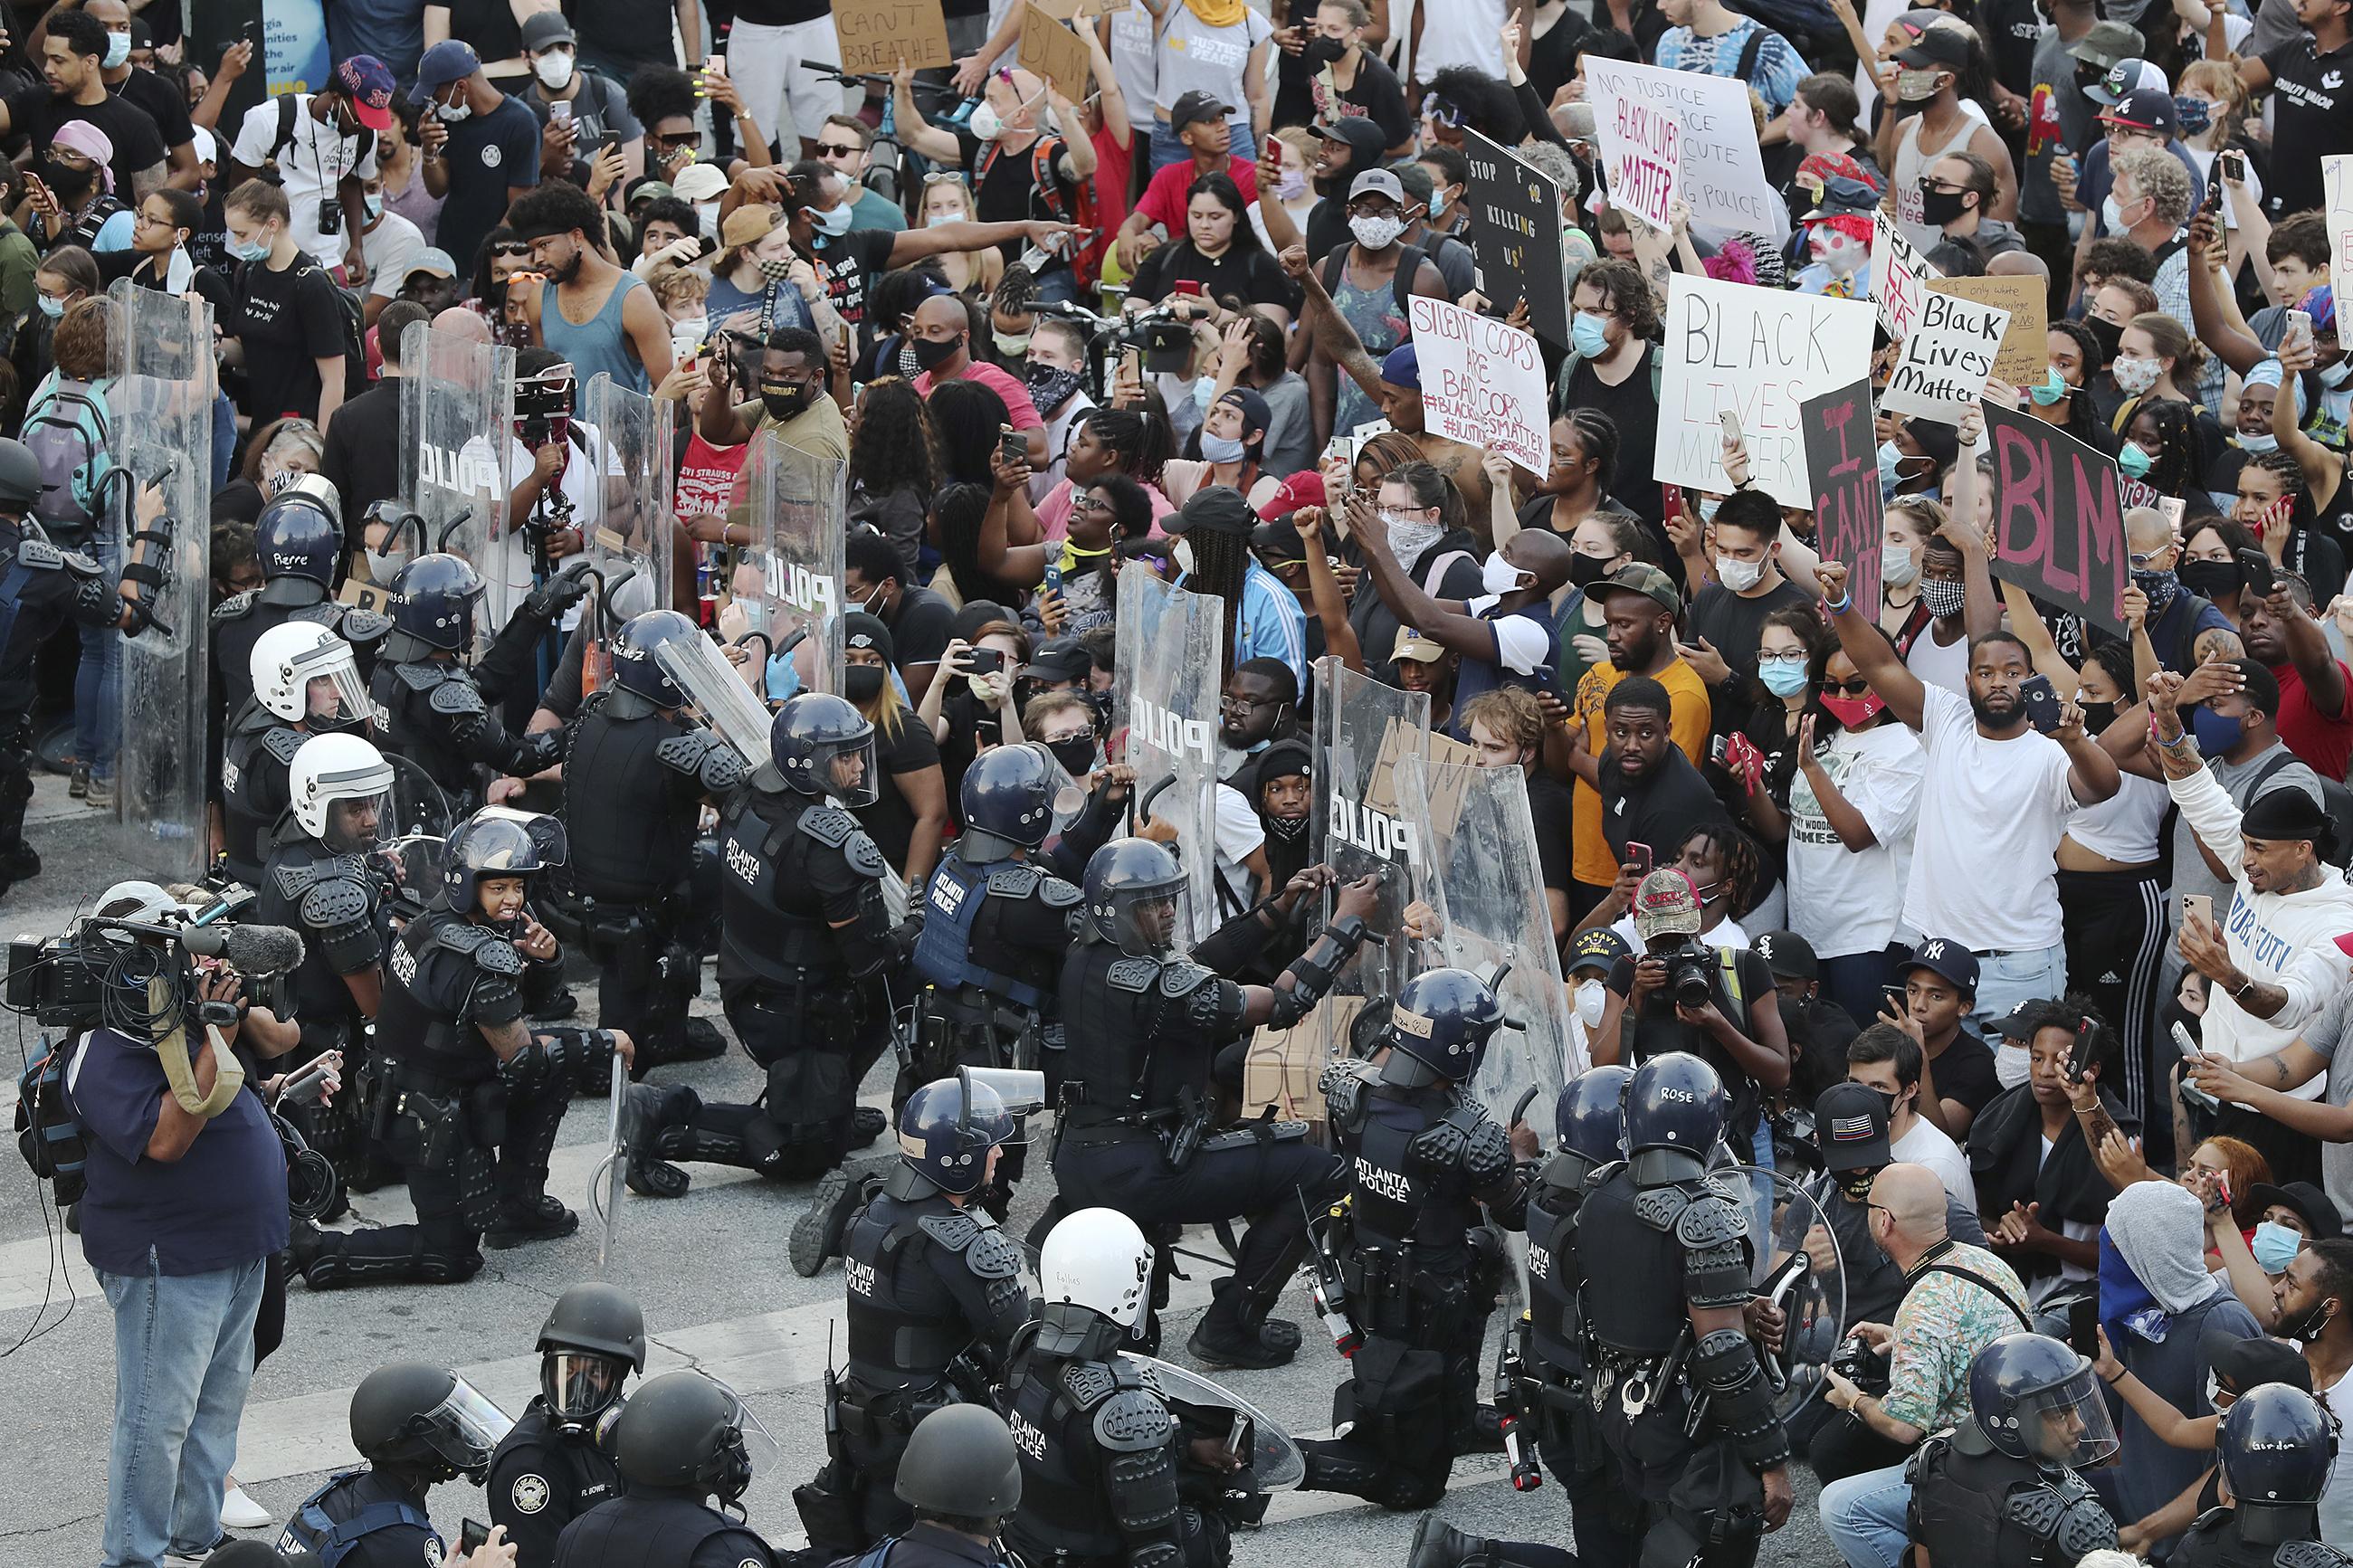 Следующие 4 года США ждут очень весёлые времена, где анархия будет «буквой закона»?